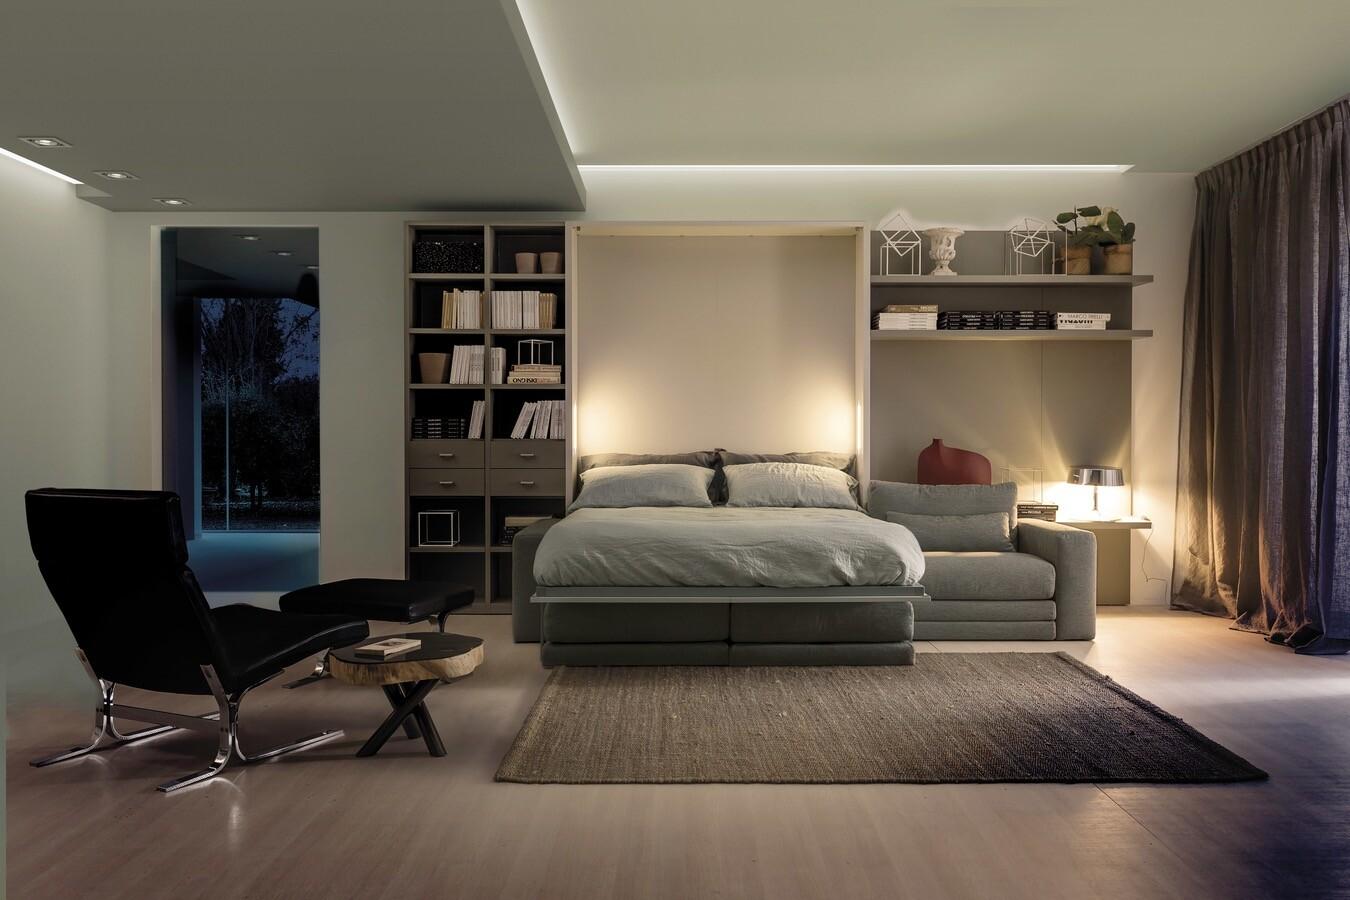 Кровать, встроенная в шкаф: функциональный предмет мебели или бесполезная покупка?